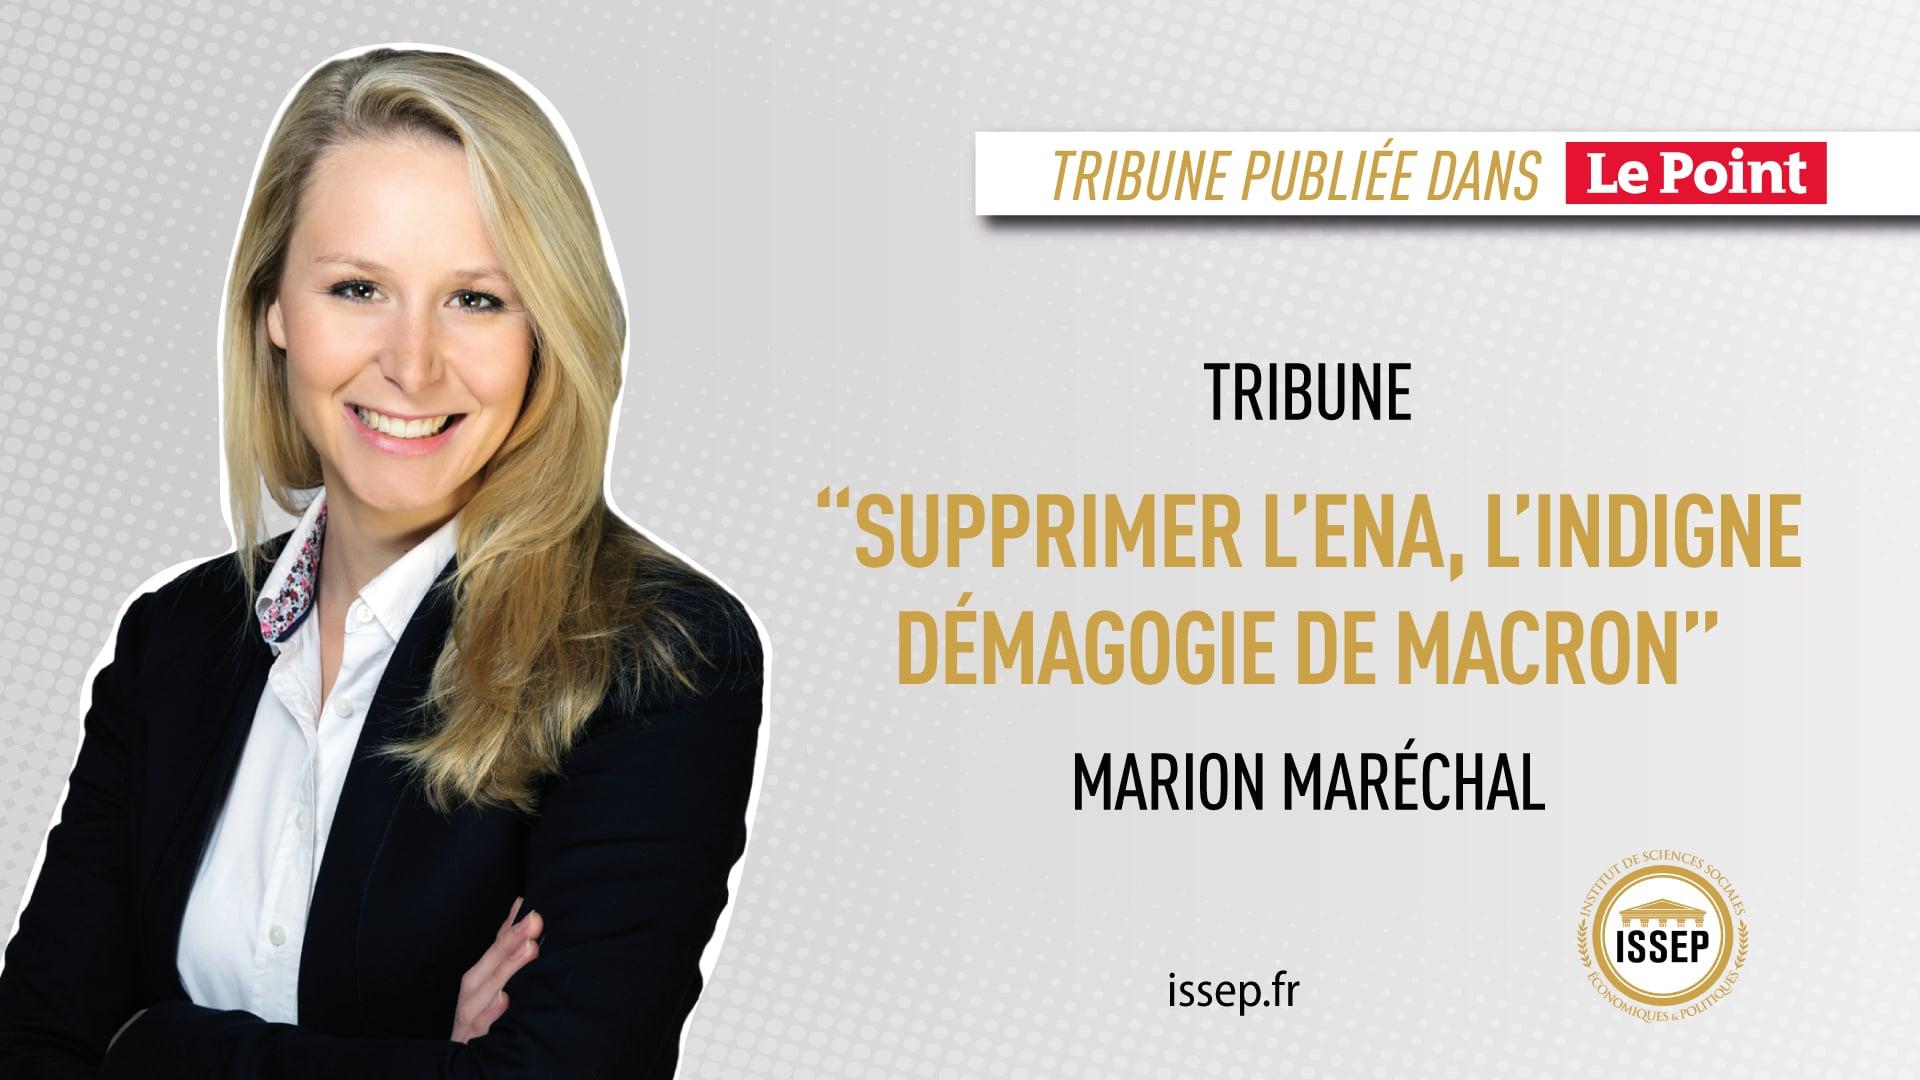 Tribune Marion Maréchal - Le Point - ENA